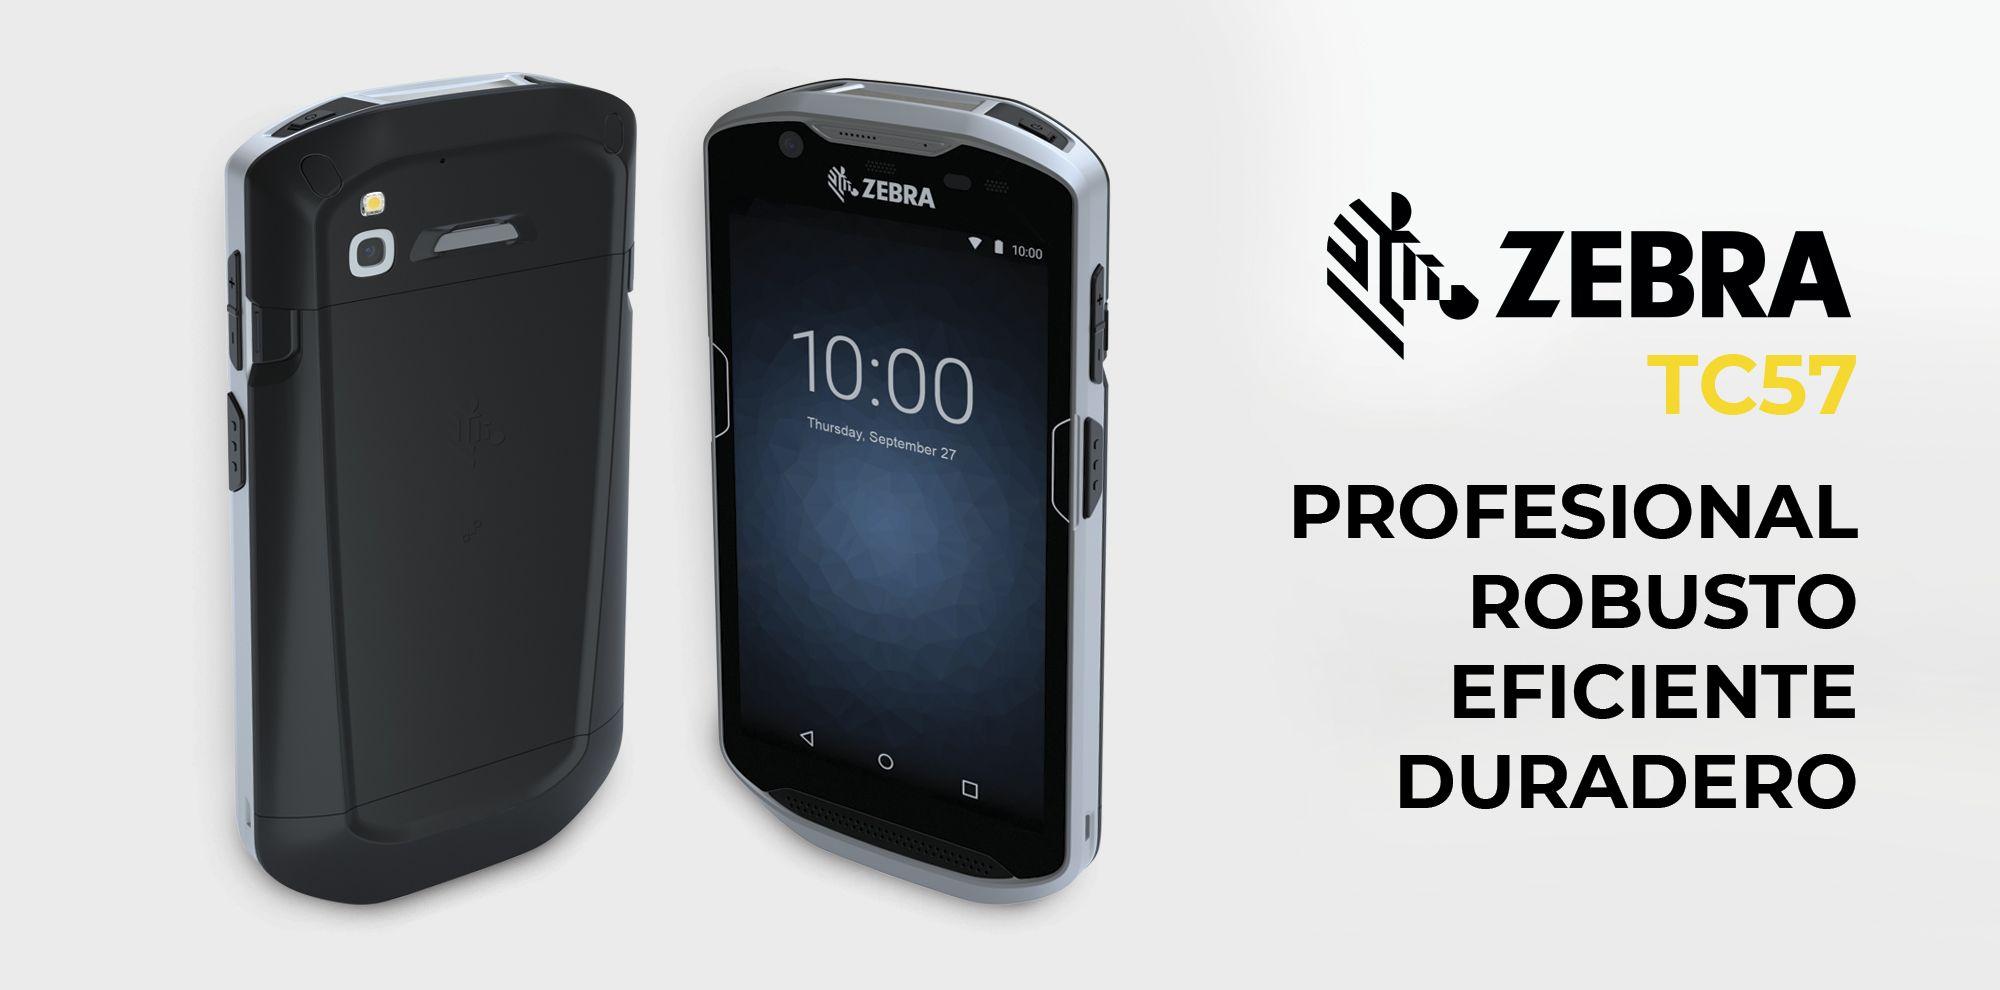 Zebra TC57 - PDA profesional y robusta para paquetería y almacenes